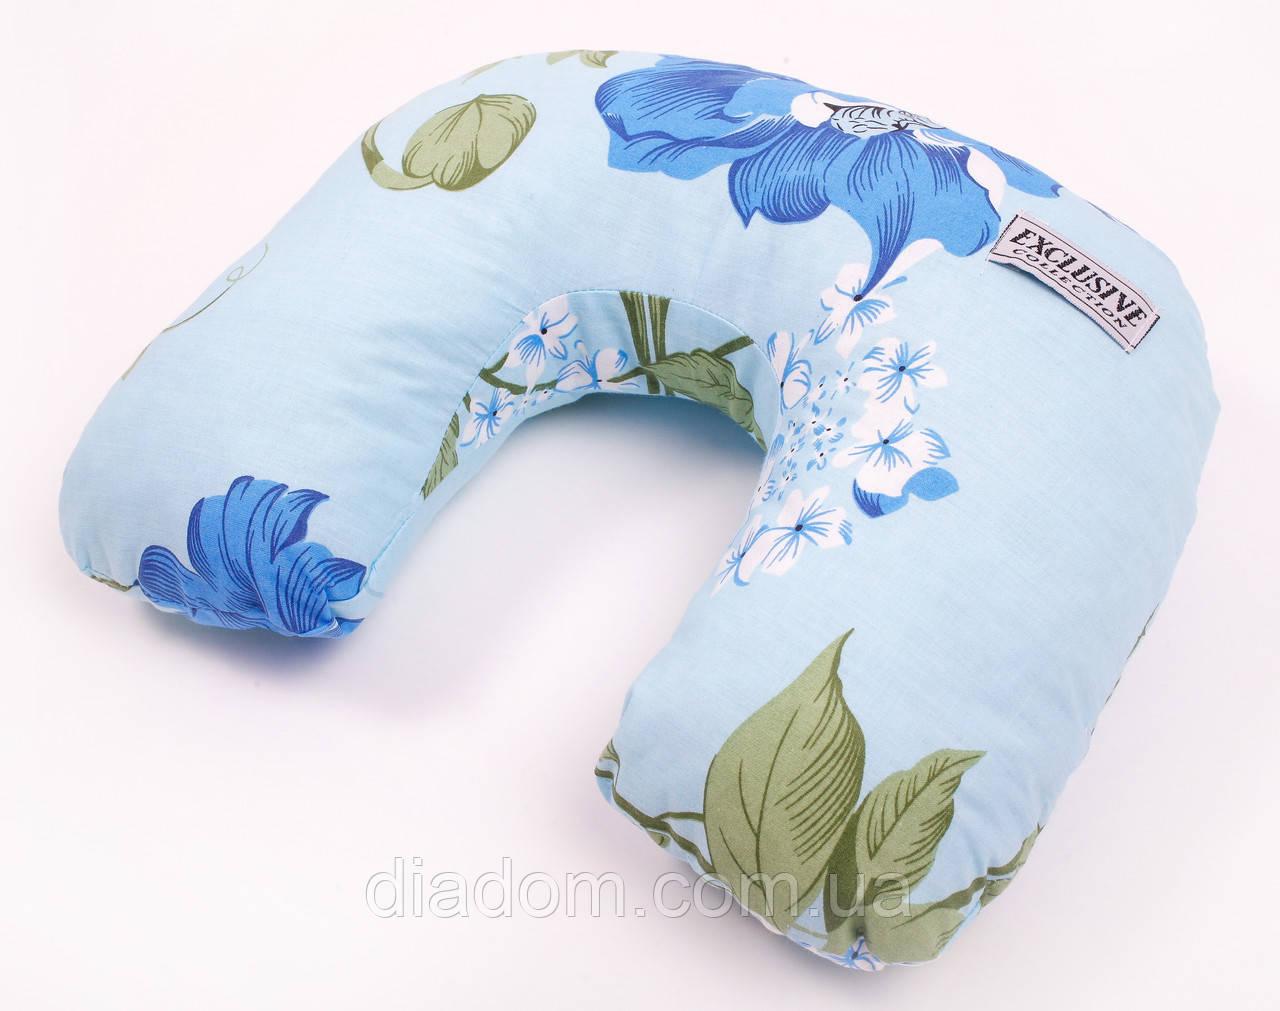 Дорожная подушка Travel Exlusive Голубая с цветами Хлопок